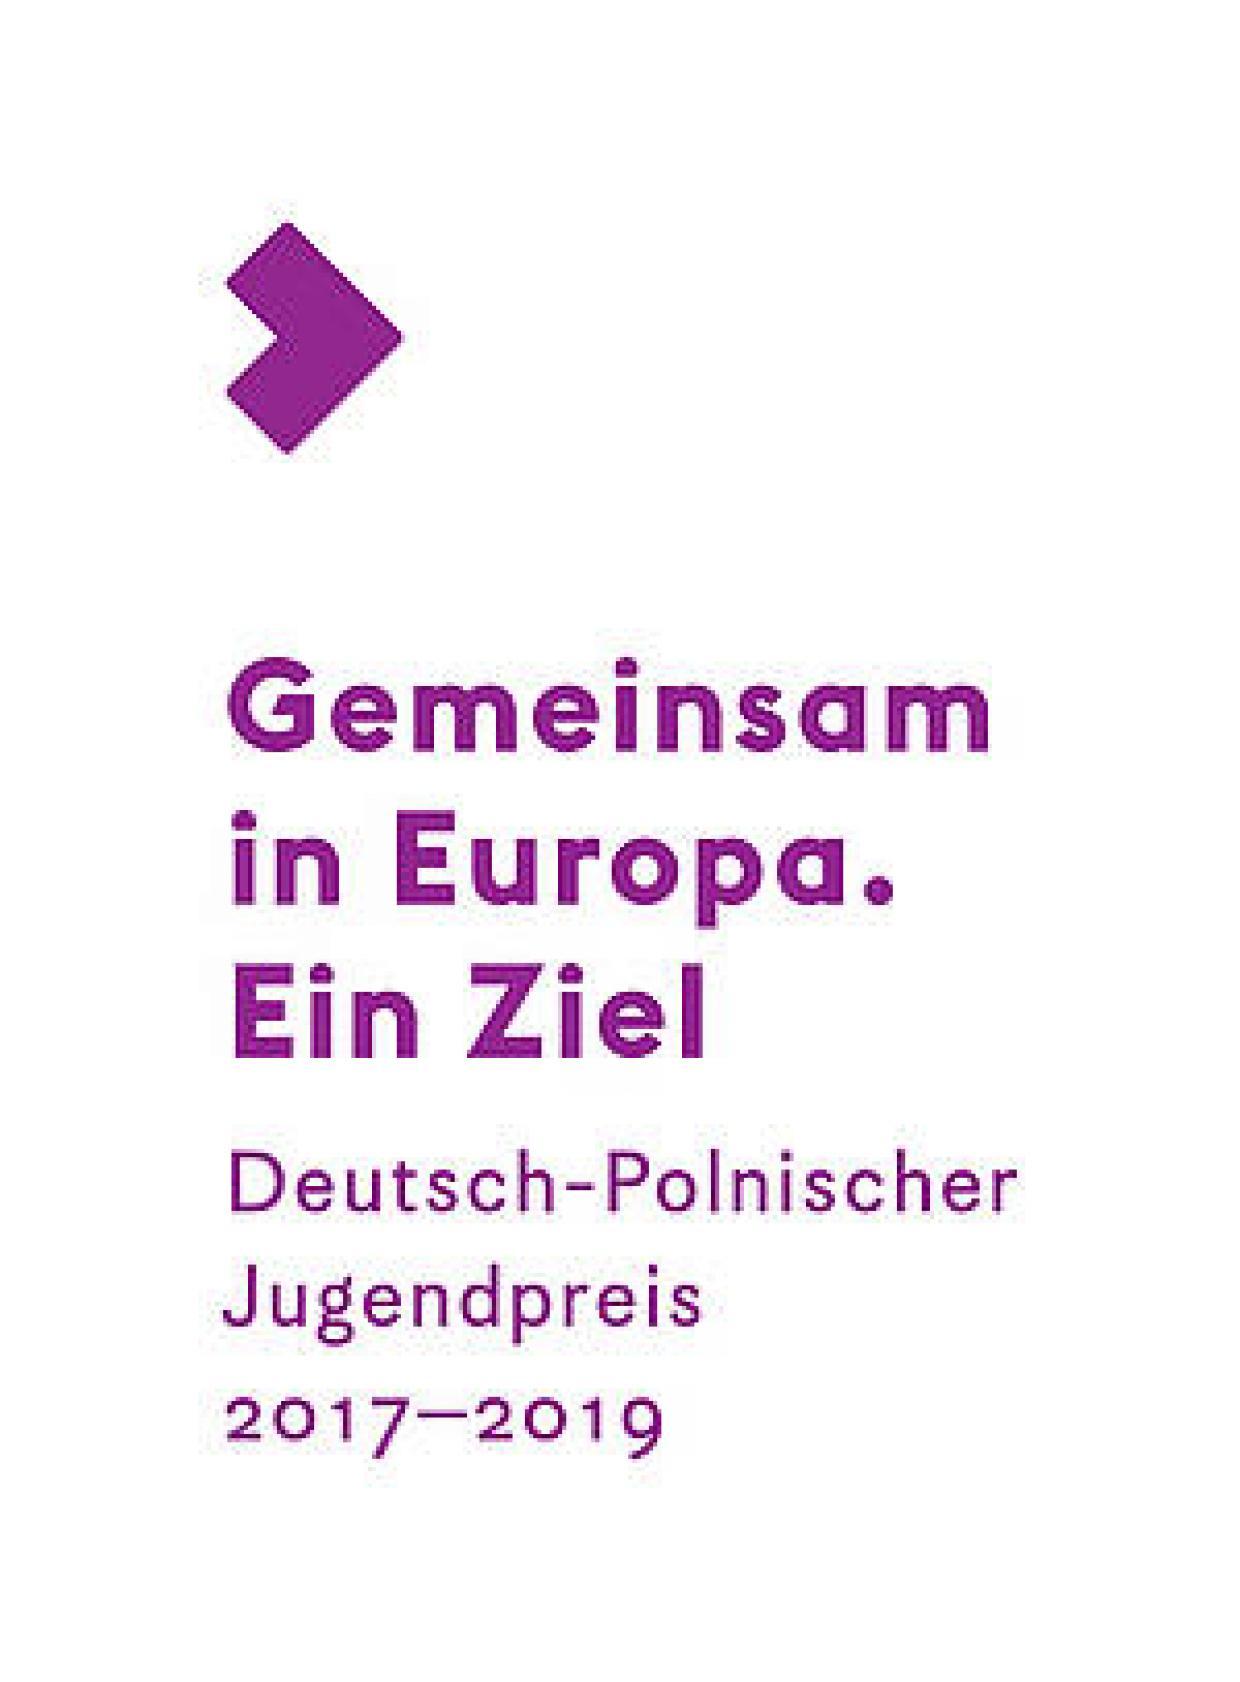 Logo Deutsch-Polnischer Jugendpreis 2018